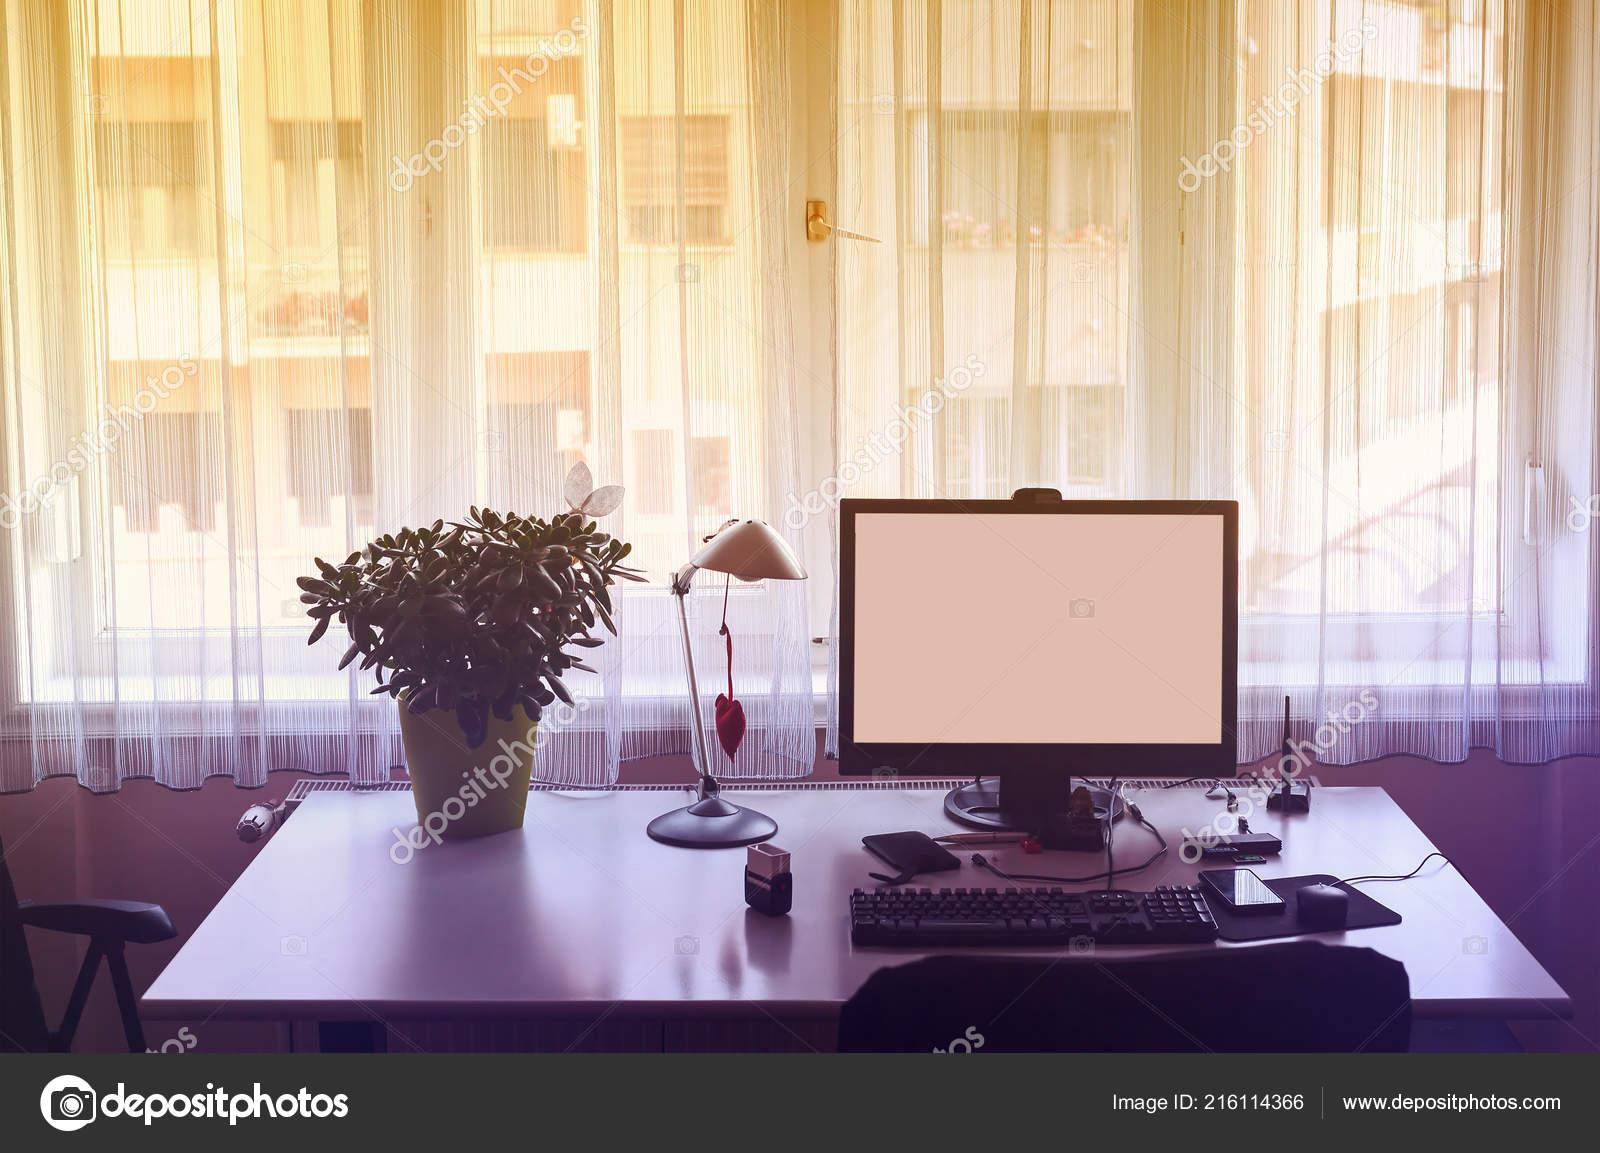 Travail maison table bureau vide avec ordinateur derrière fenêtre